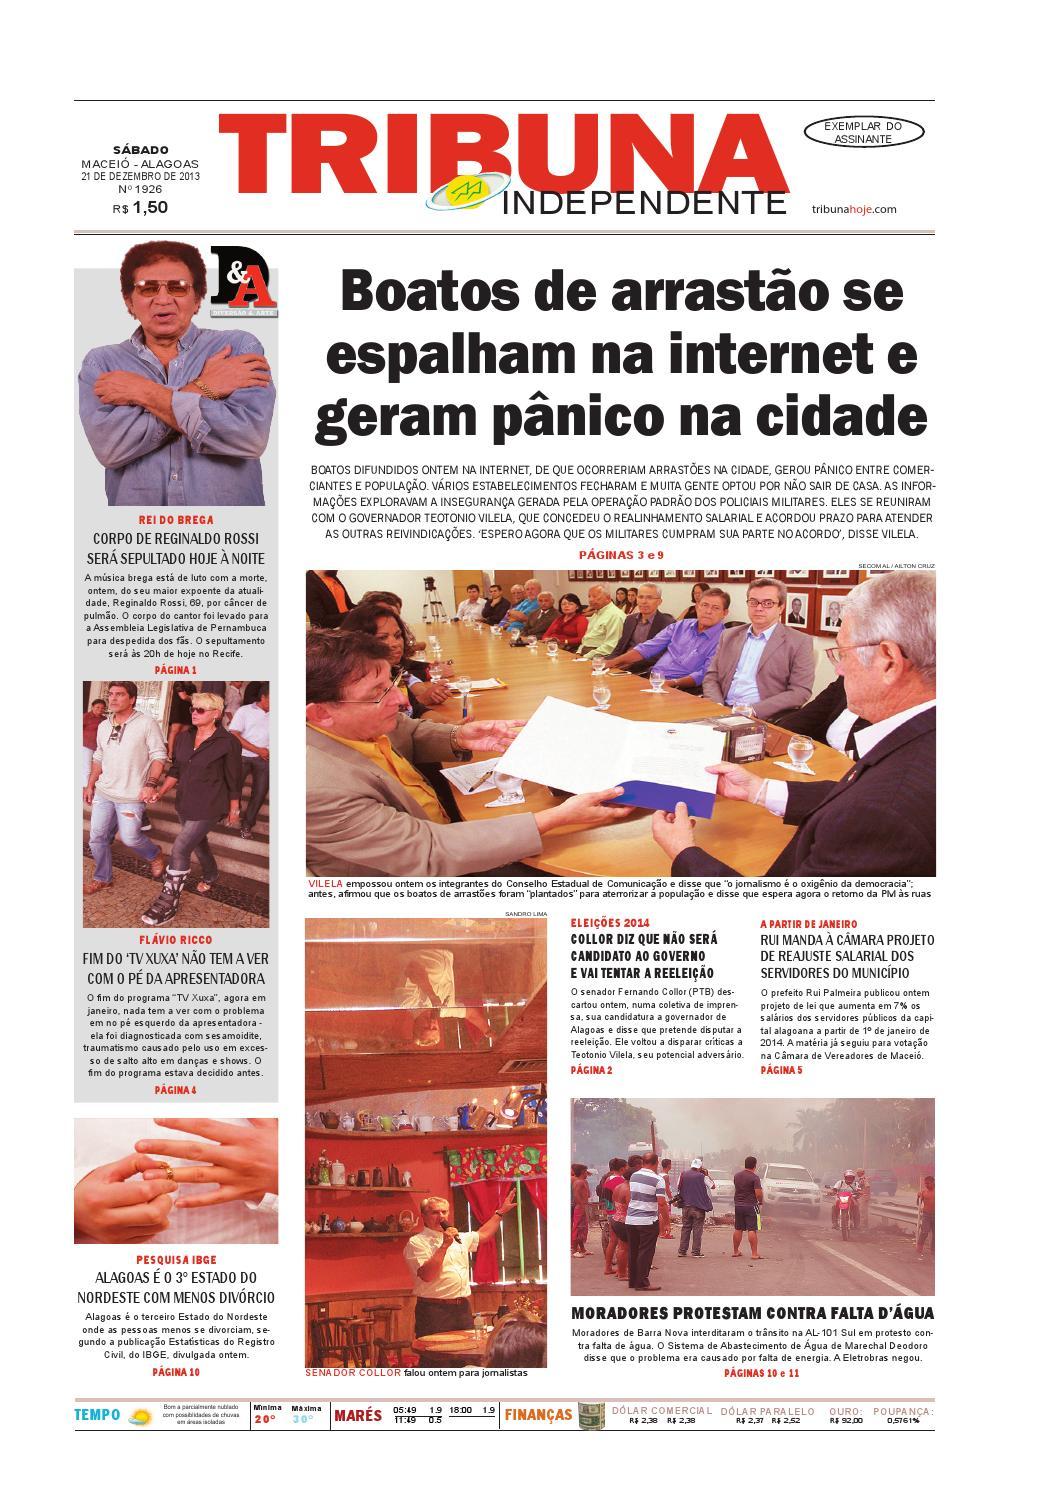 db377a445e9 Edição número 1927 - 21 de dezembro de 2013 by Tribuna Hoje - issuu